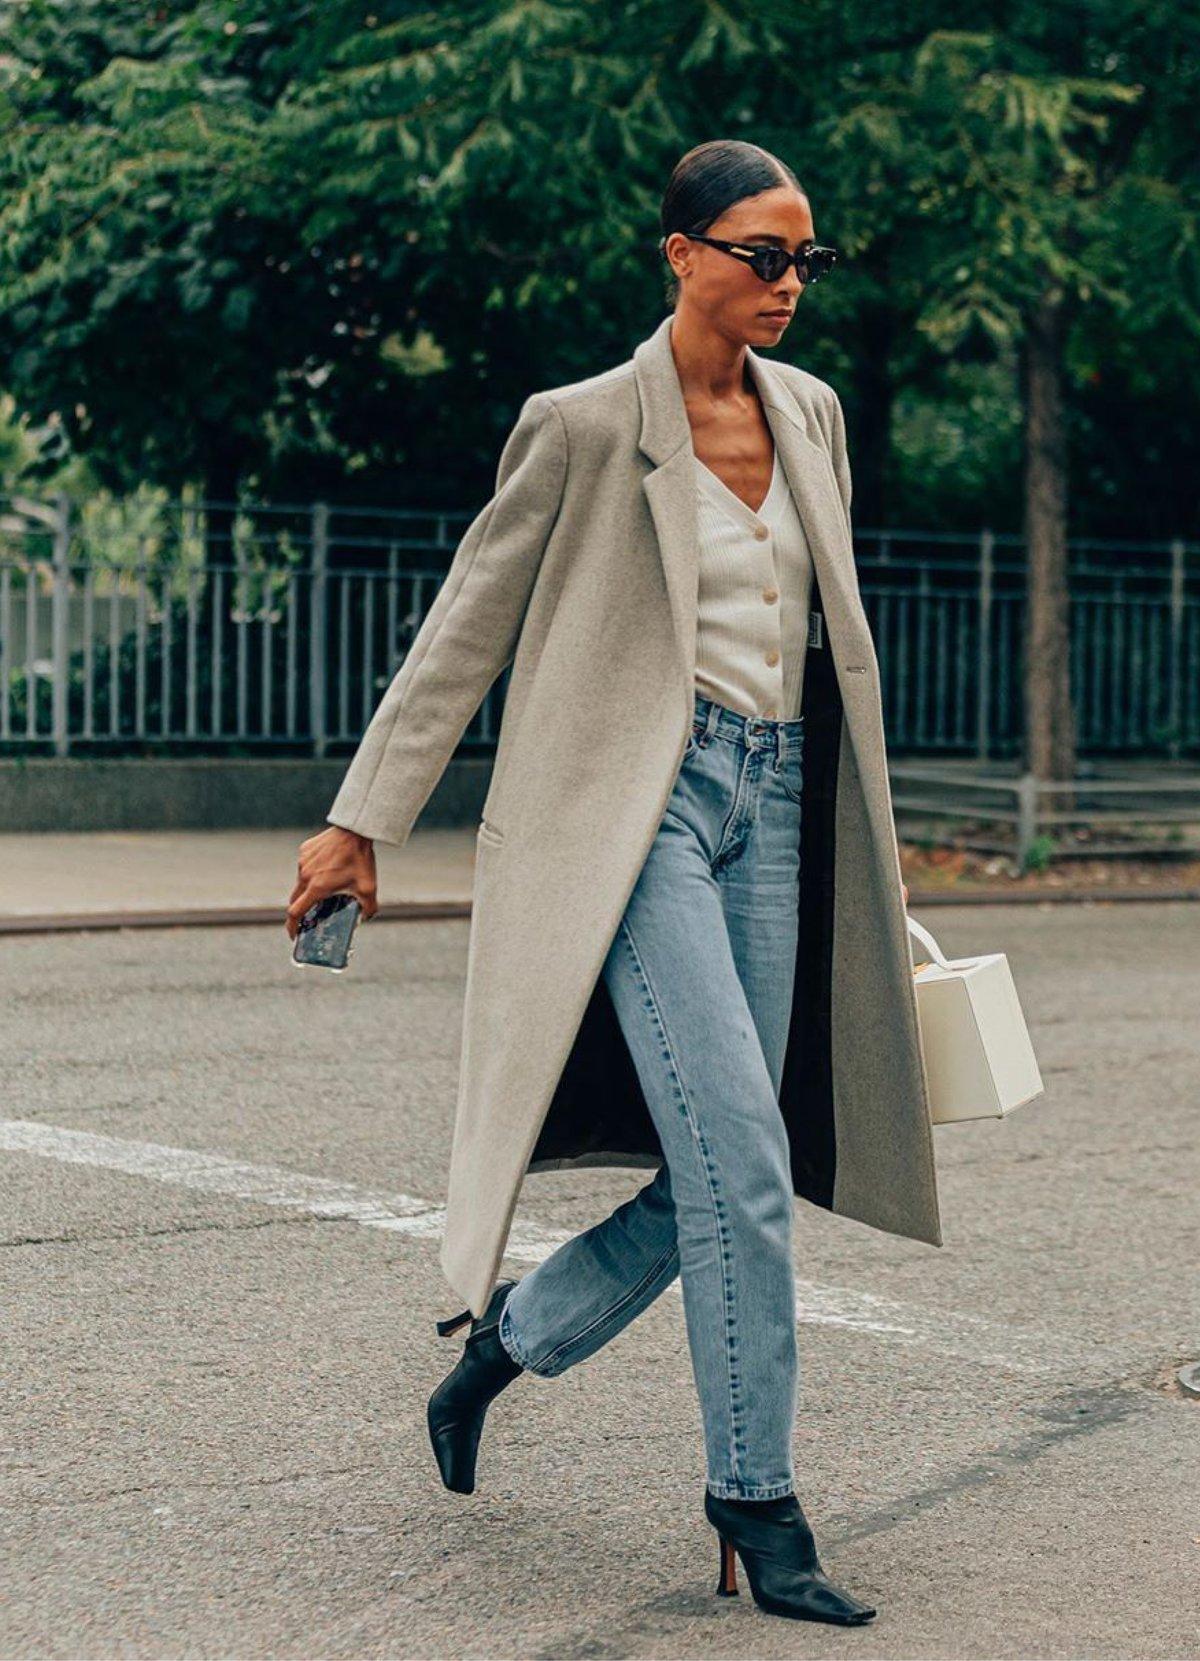 phong cách thời trang tối giản áo dạ cùng quần jeans